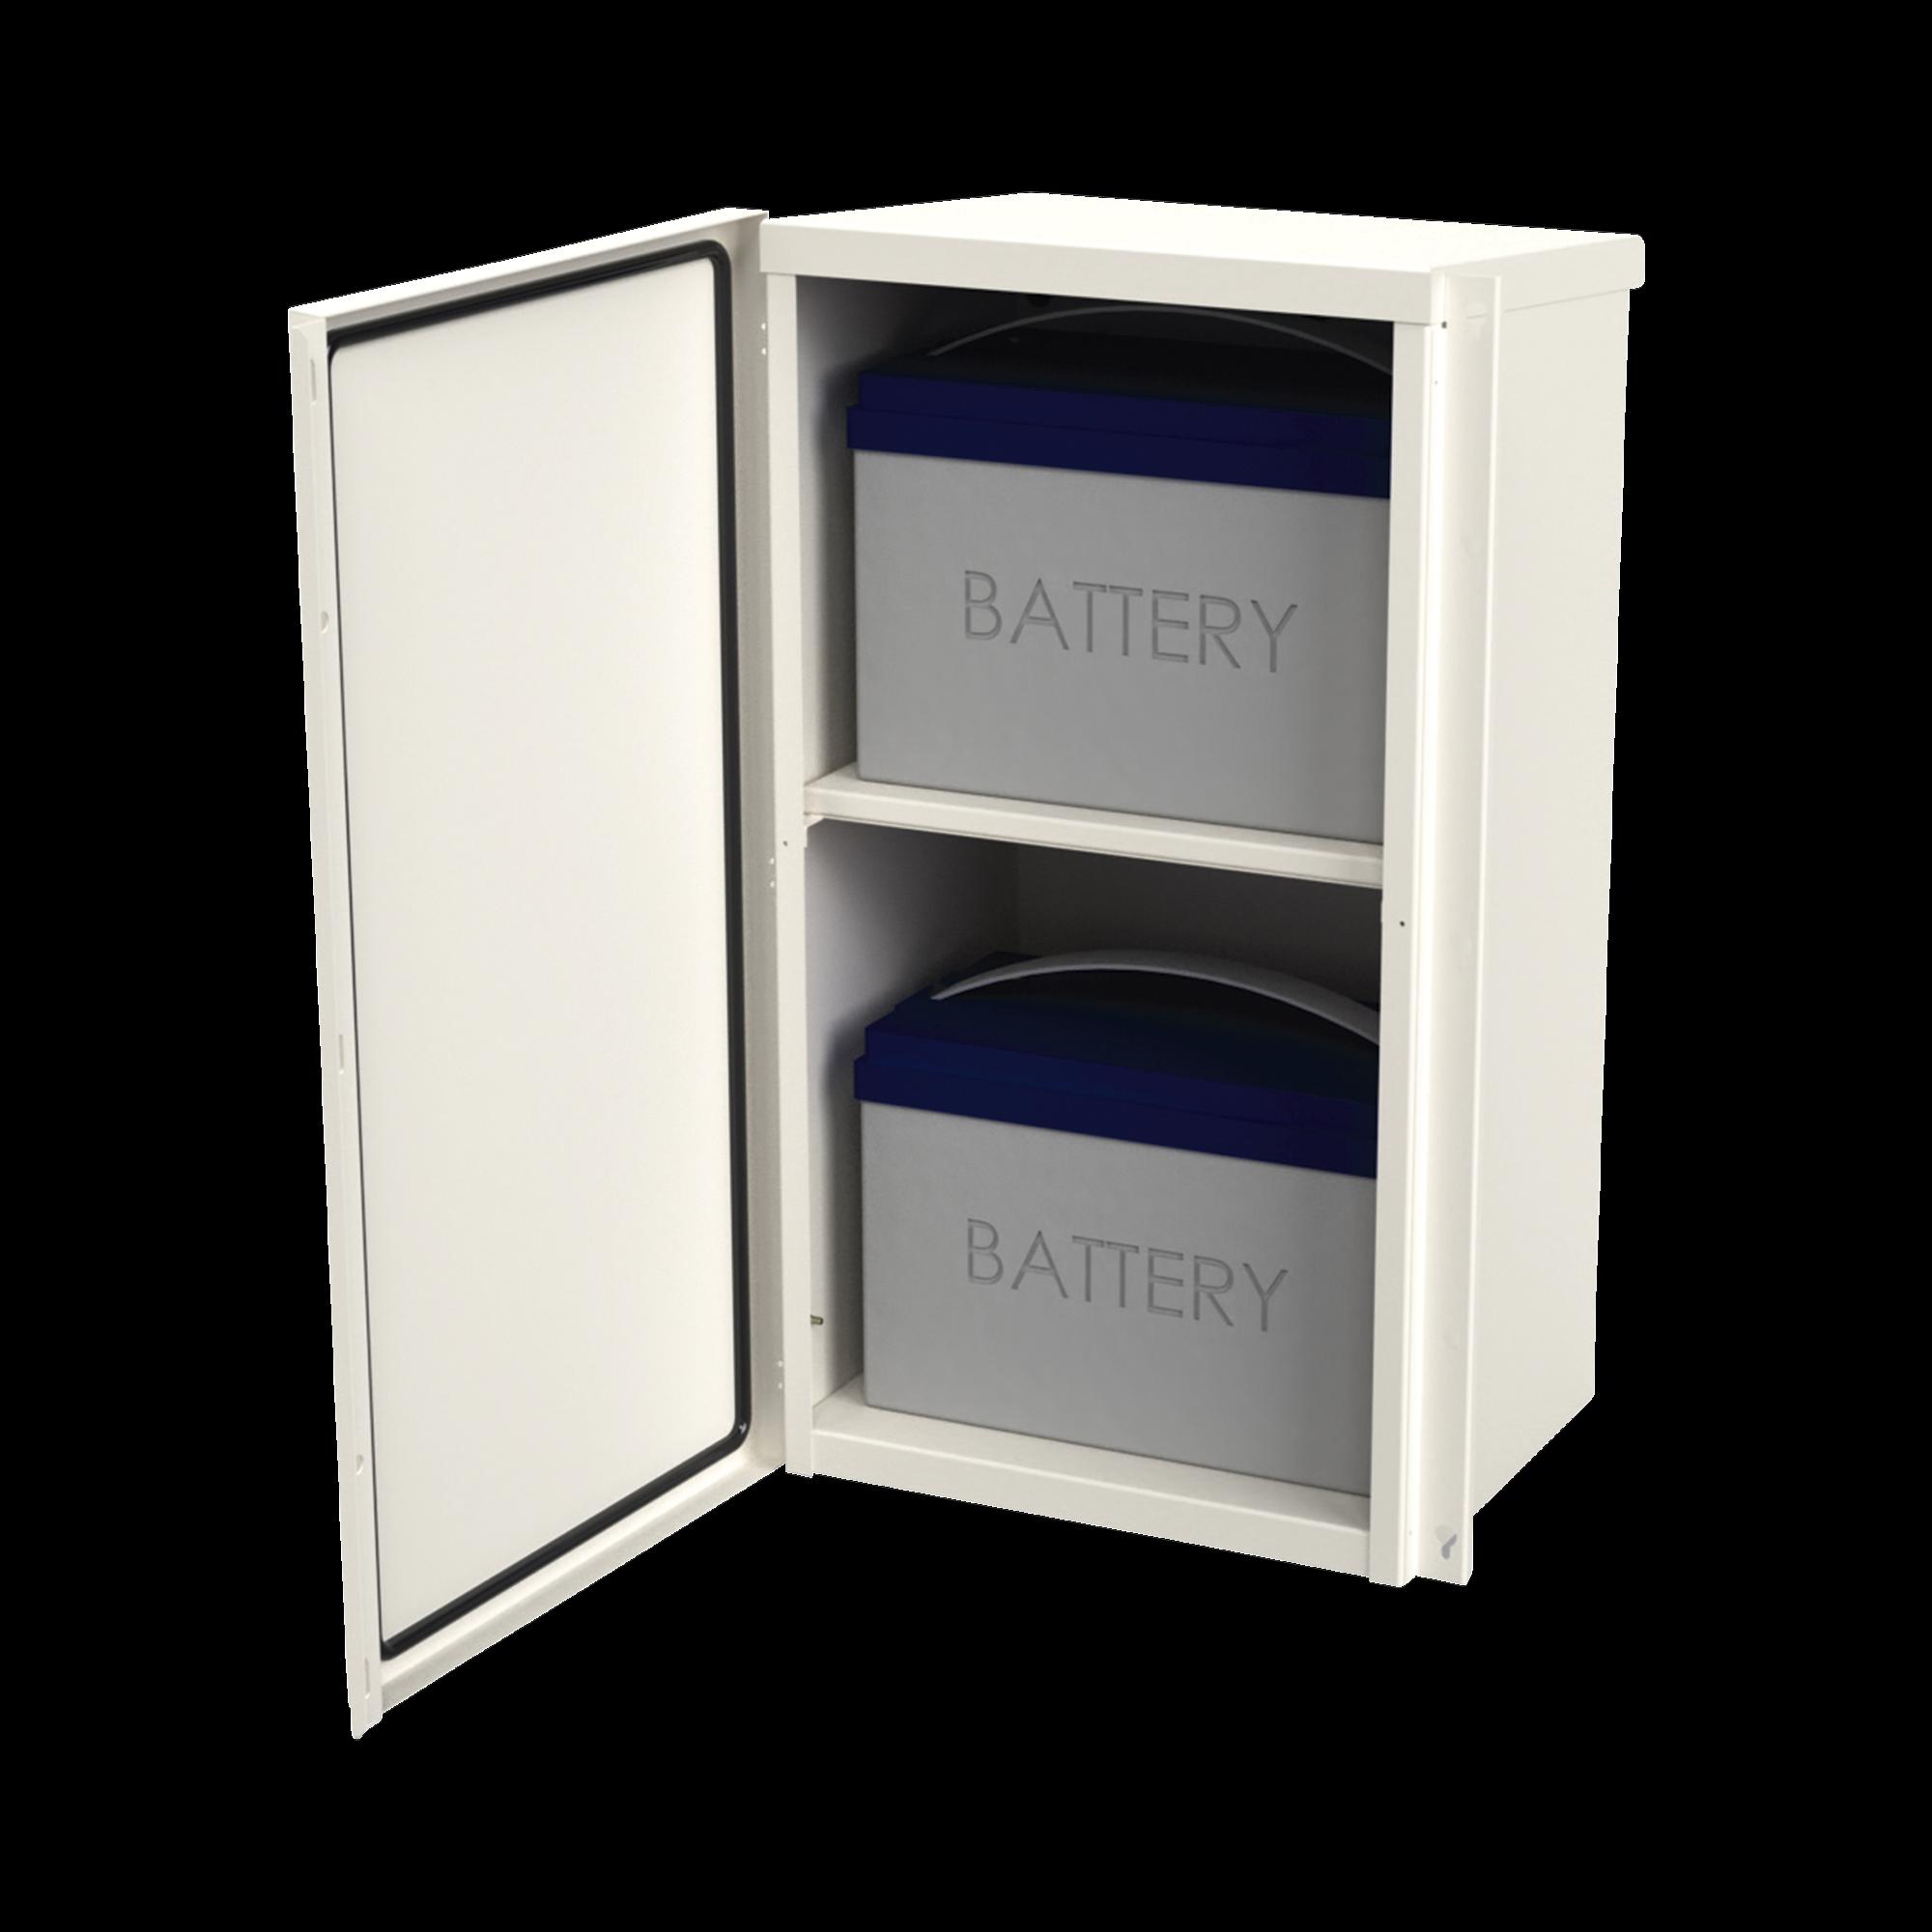 Gabinete Acero Galv. para 2 Baterías PL110D12  (400 x 730 x 300mm). Puerta Sin Ventilación. Acc. para piso o poste No incluidos.